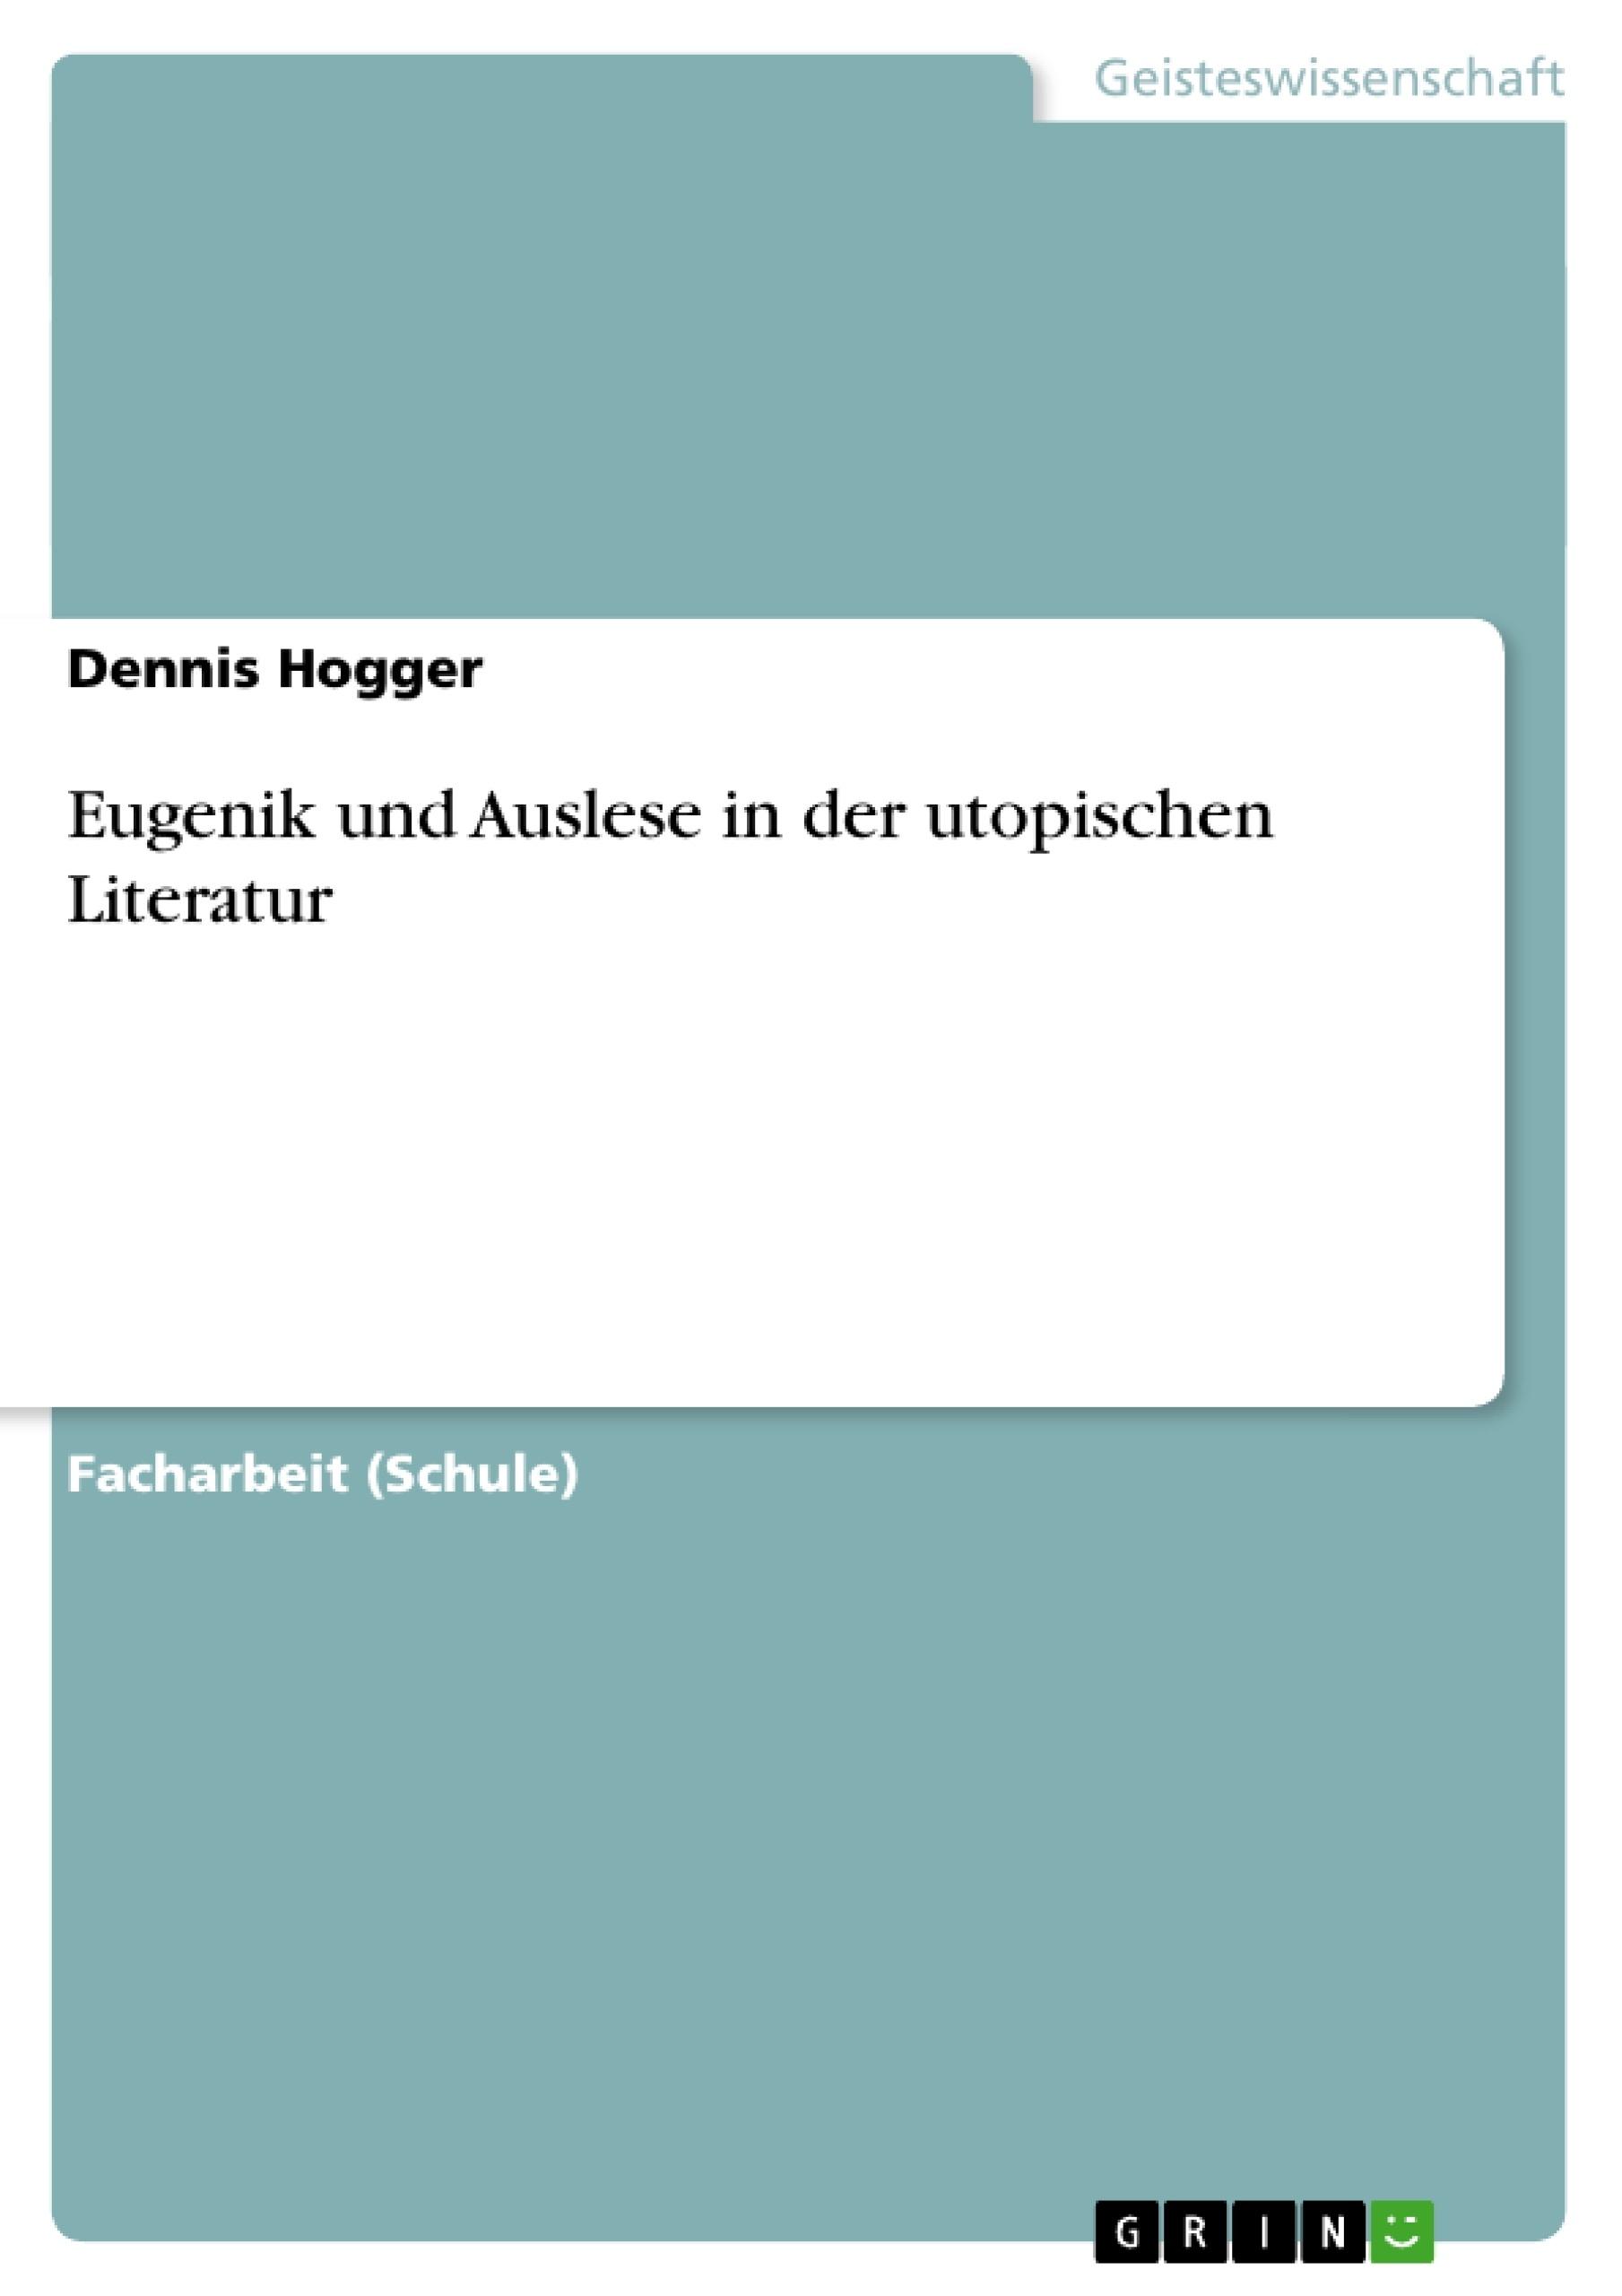 Titel: Eugenik und Auslese in der utopischen Literatur